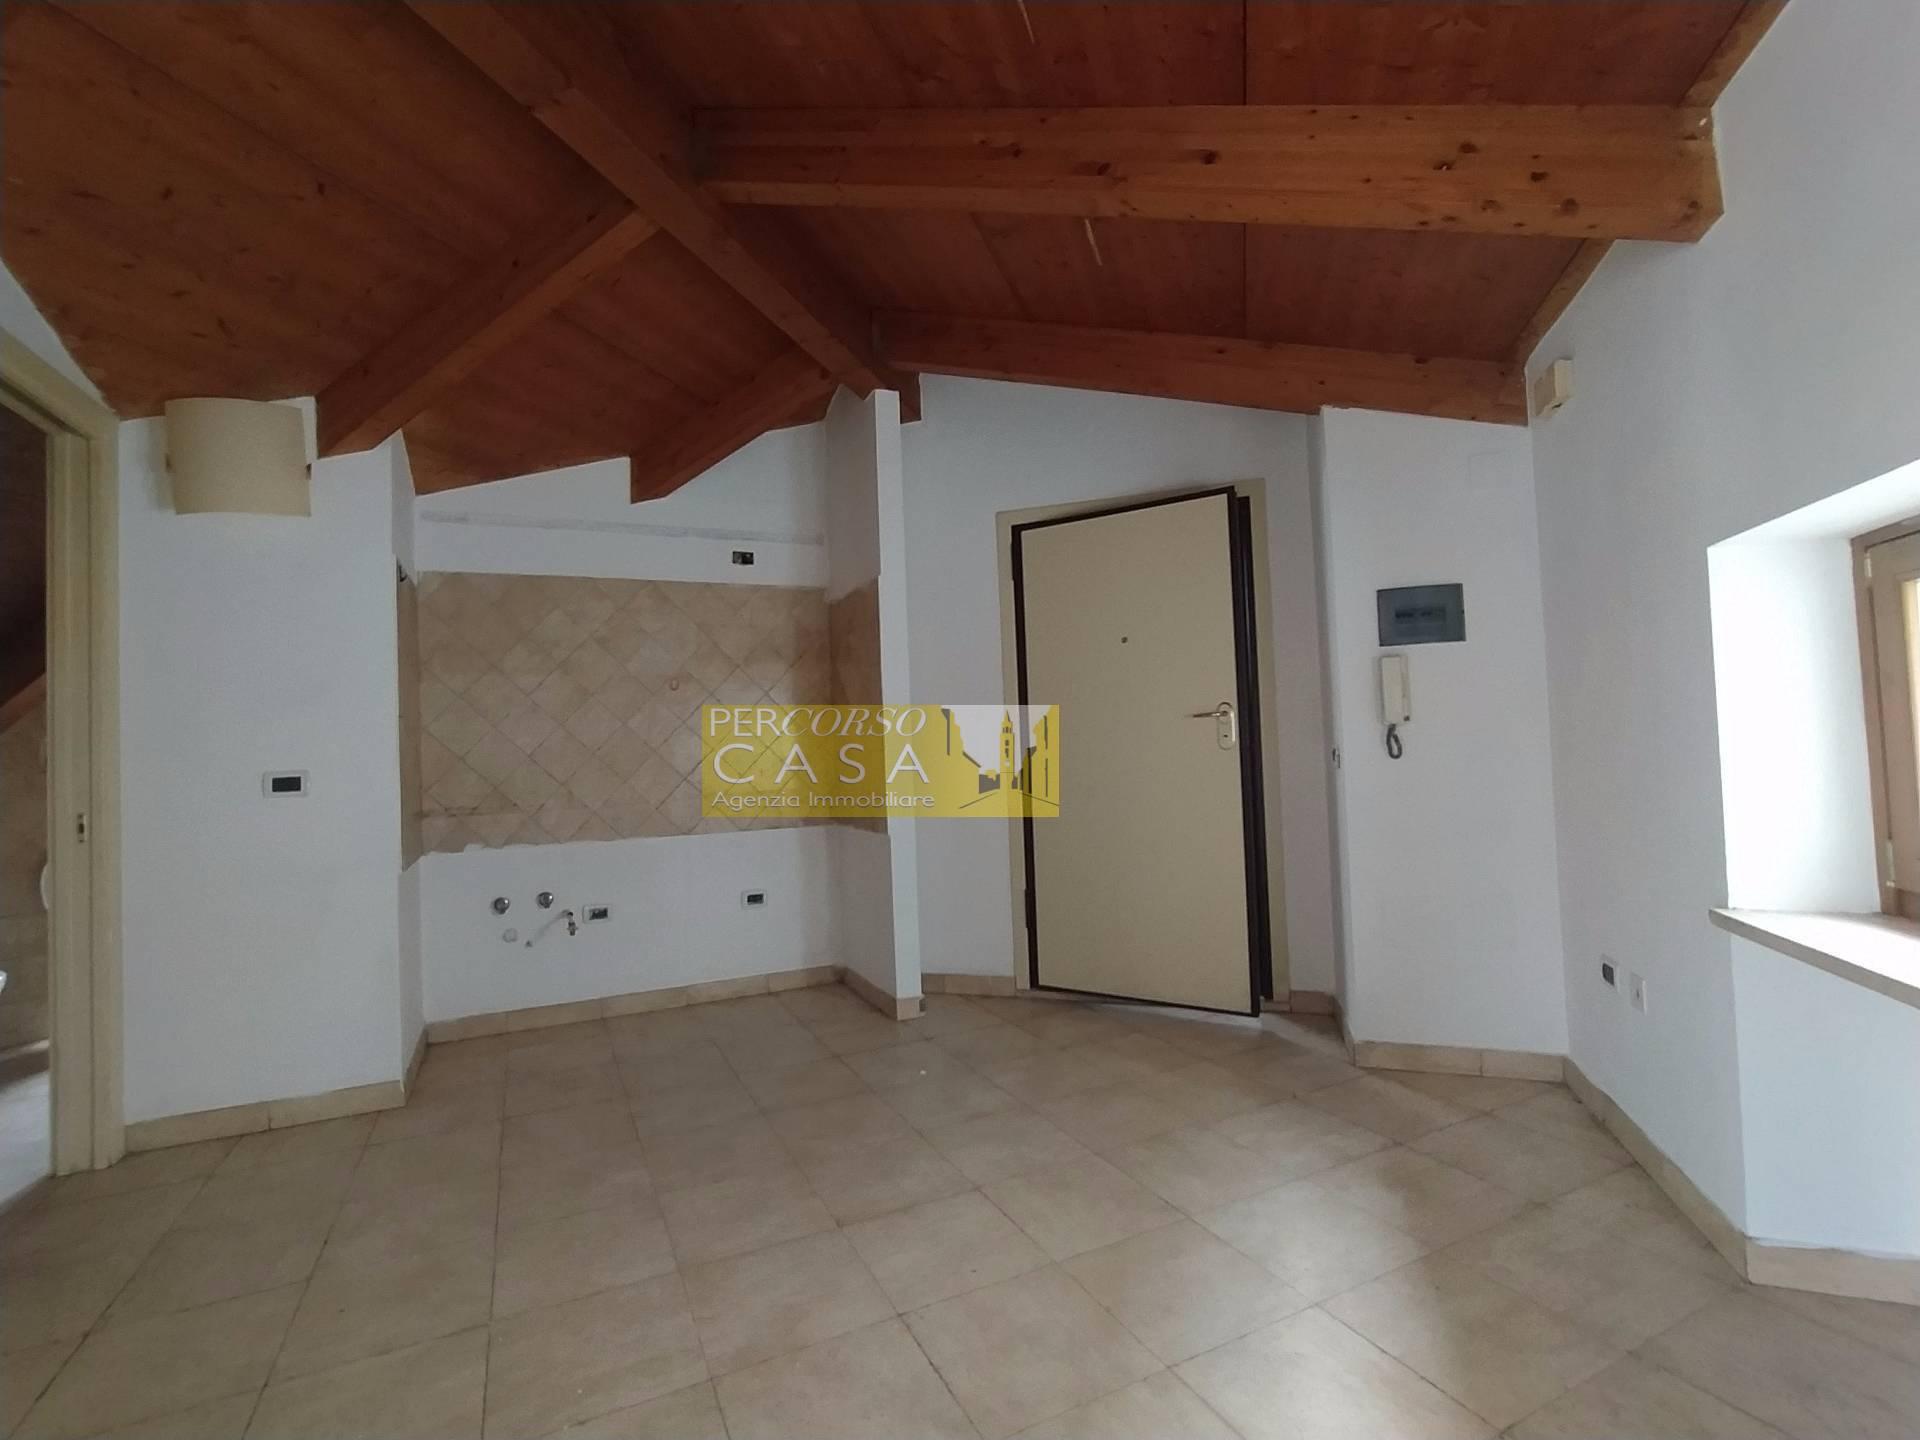 Appartamento in vendita a Teramo, 3 locali, zona Località: CorsoSanGiorgio, prezzo € 60.000 | PortaleAgenzieImmobiliari.it